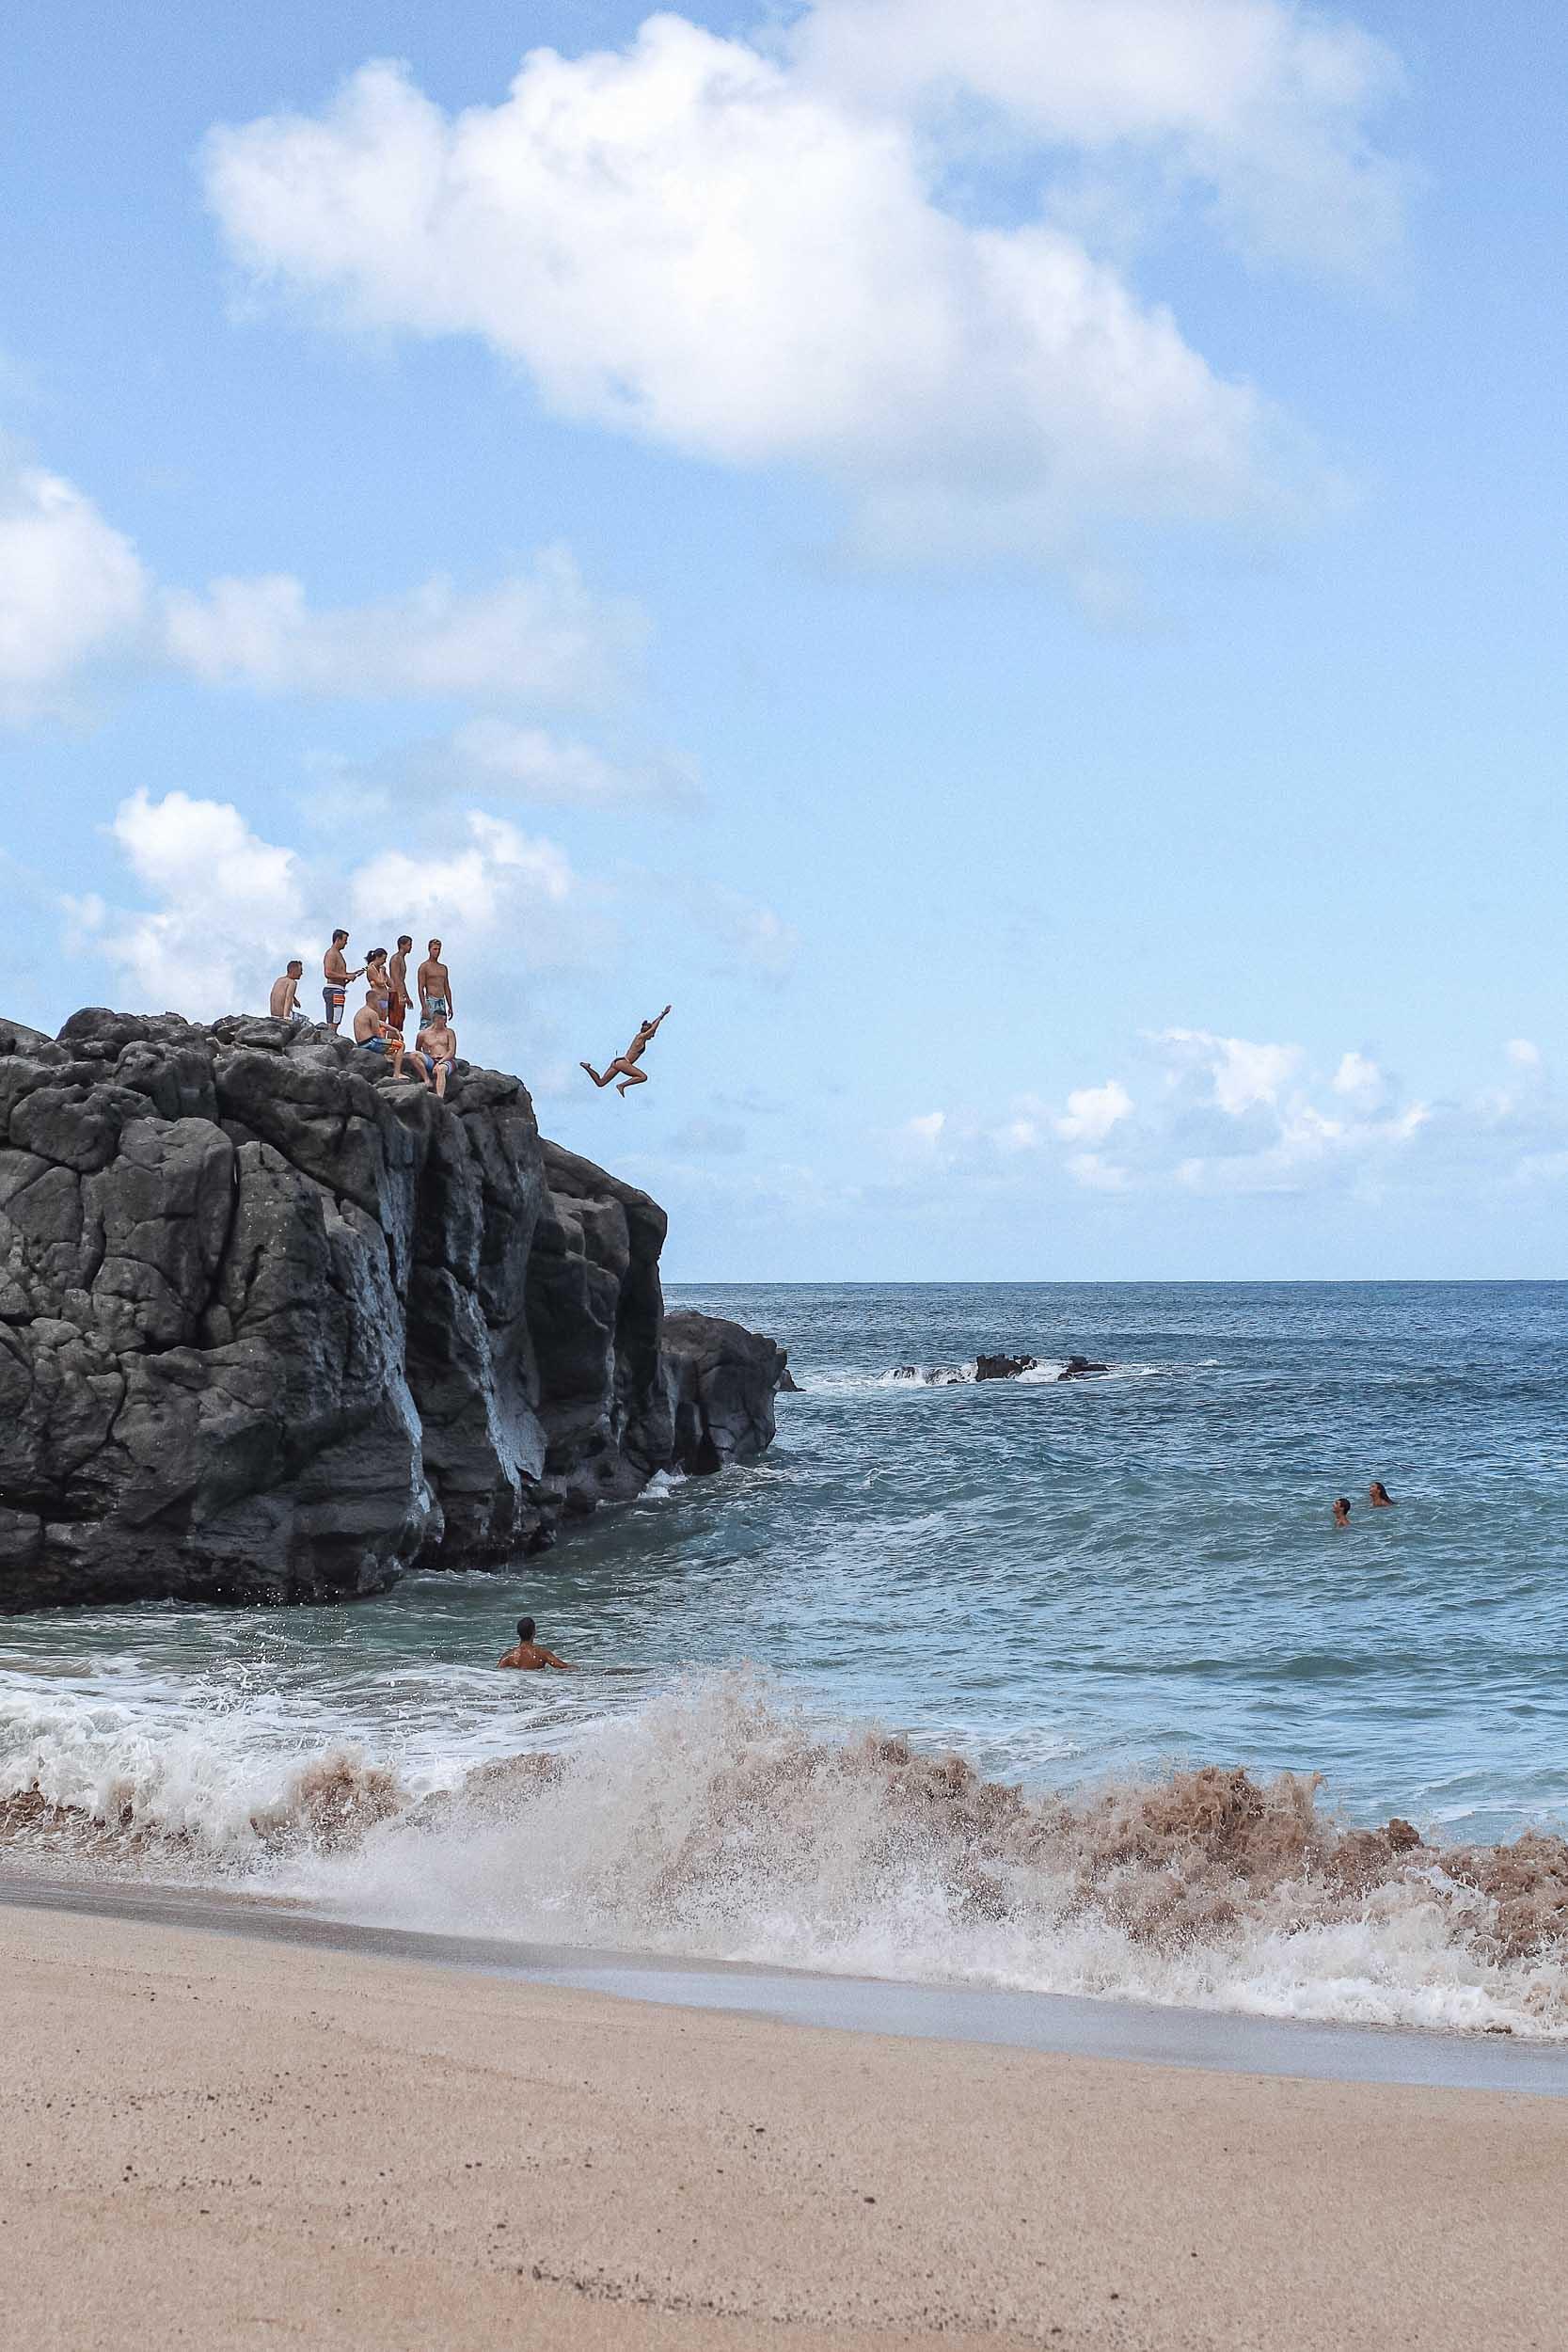 Waimea Bay on Oahu's North Shore